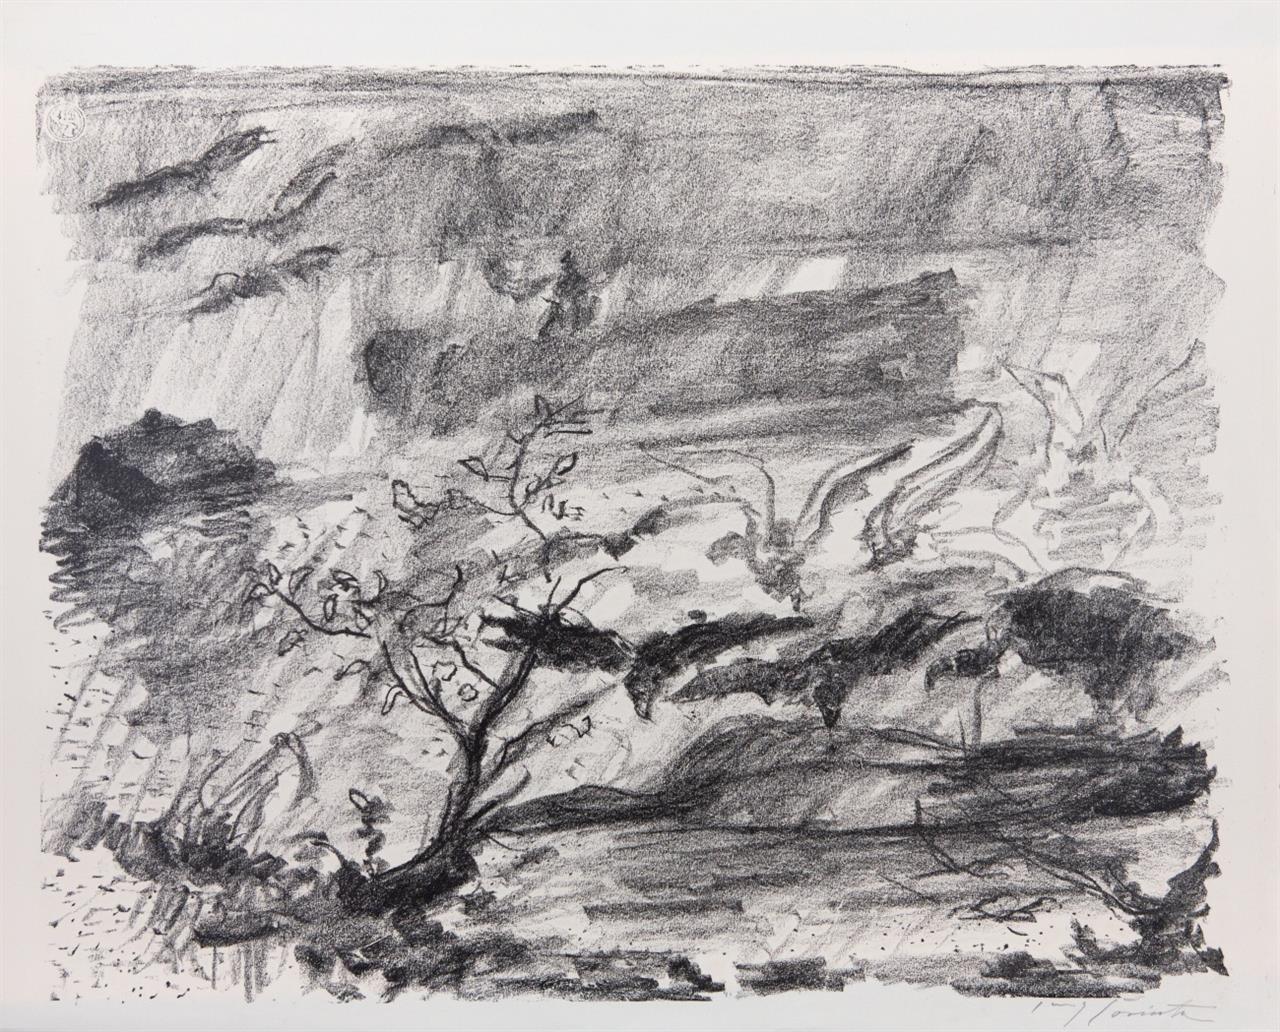 Lovis Corinth. Die Wasser fallen. 1923. Kreidelithographie. Signiert. Müller 820.